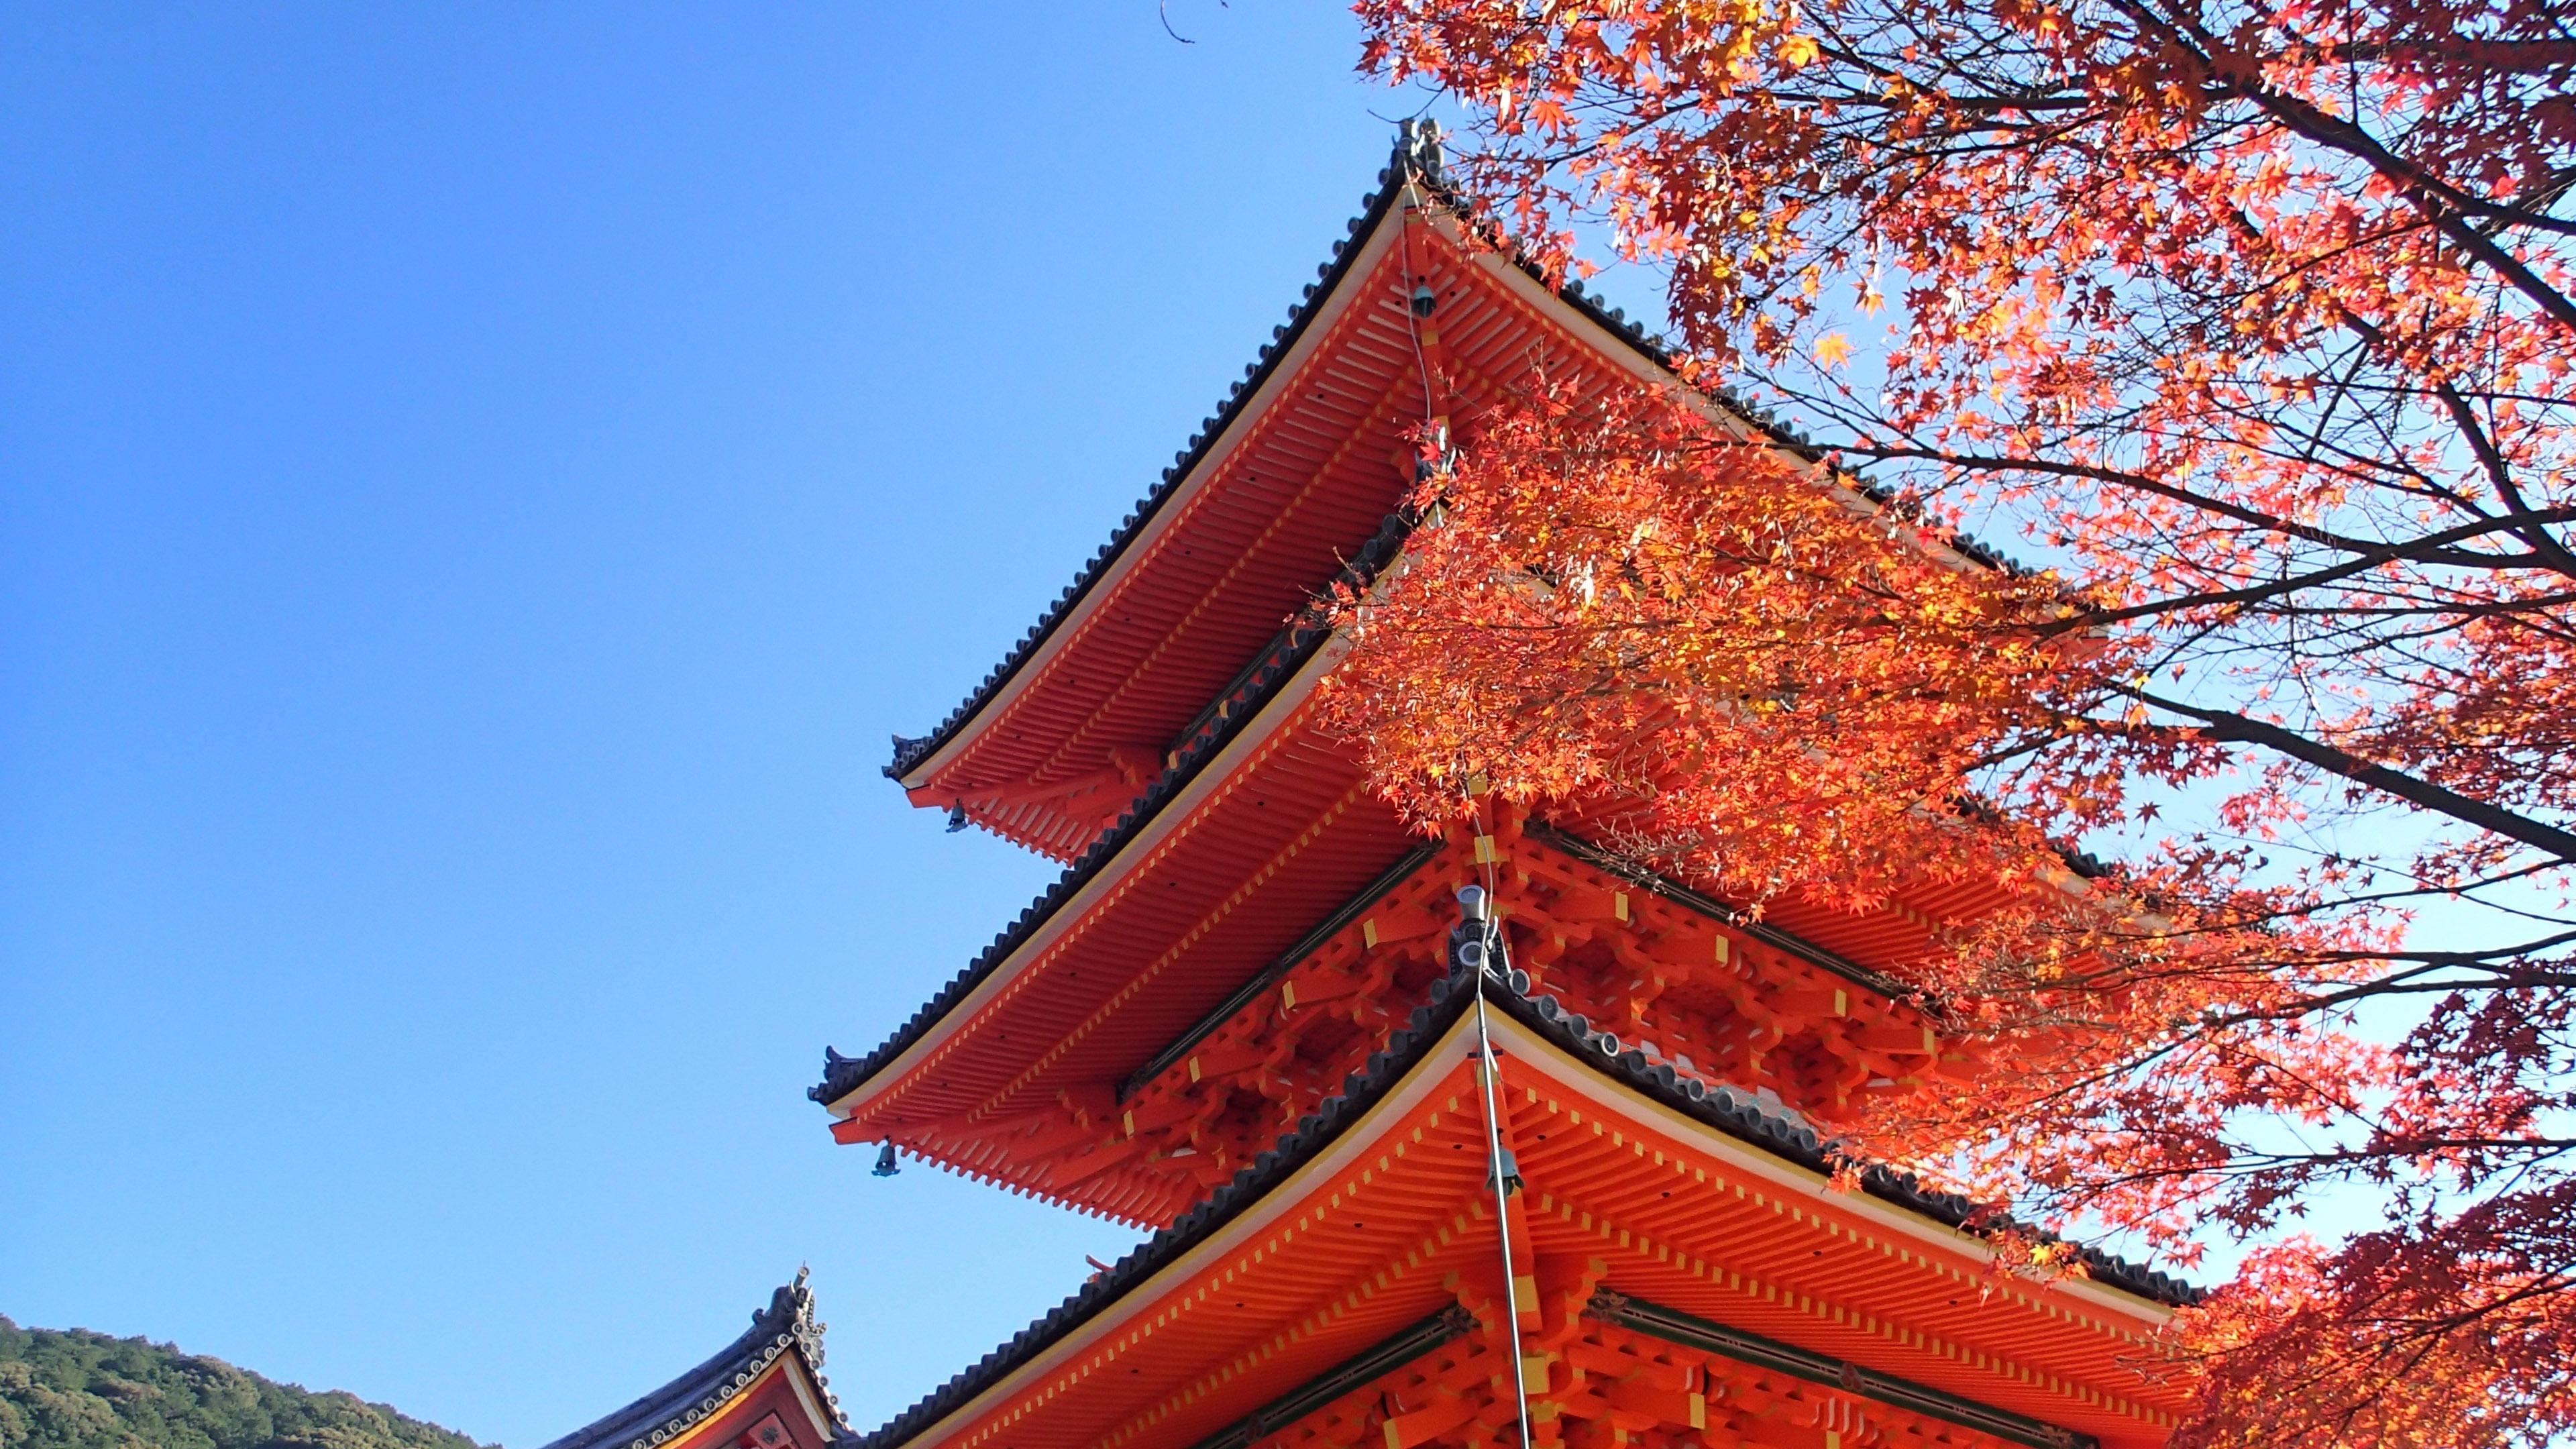 德国人_日本,京都,浅草寺,蓝天,风景预览   10wallpaper.com